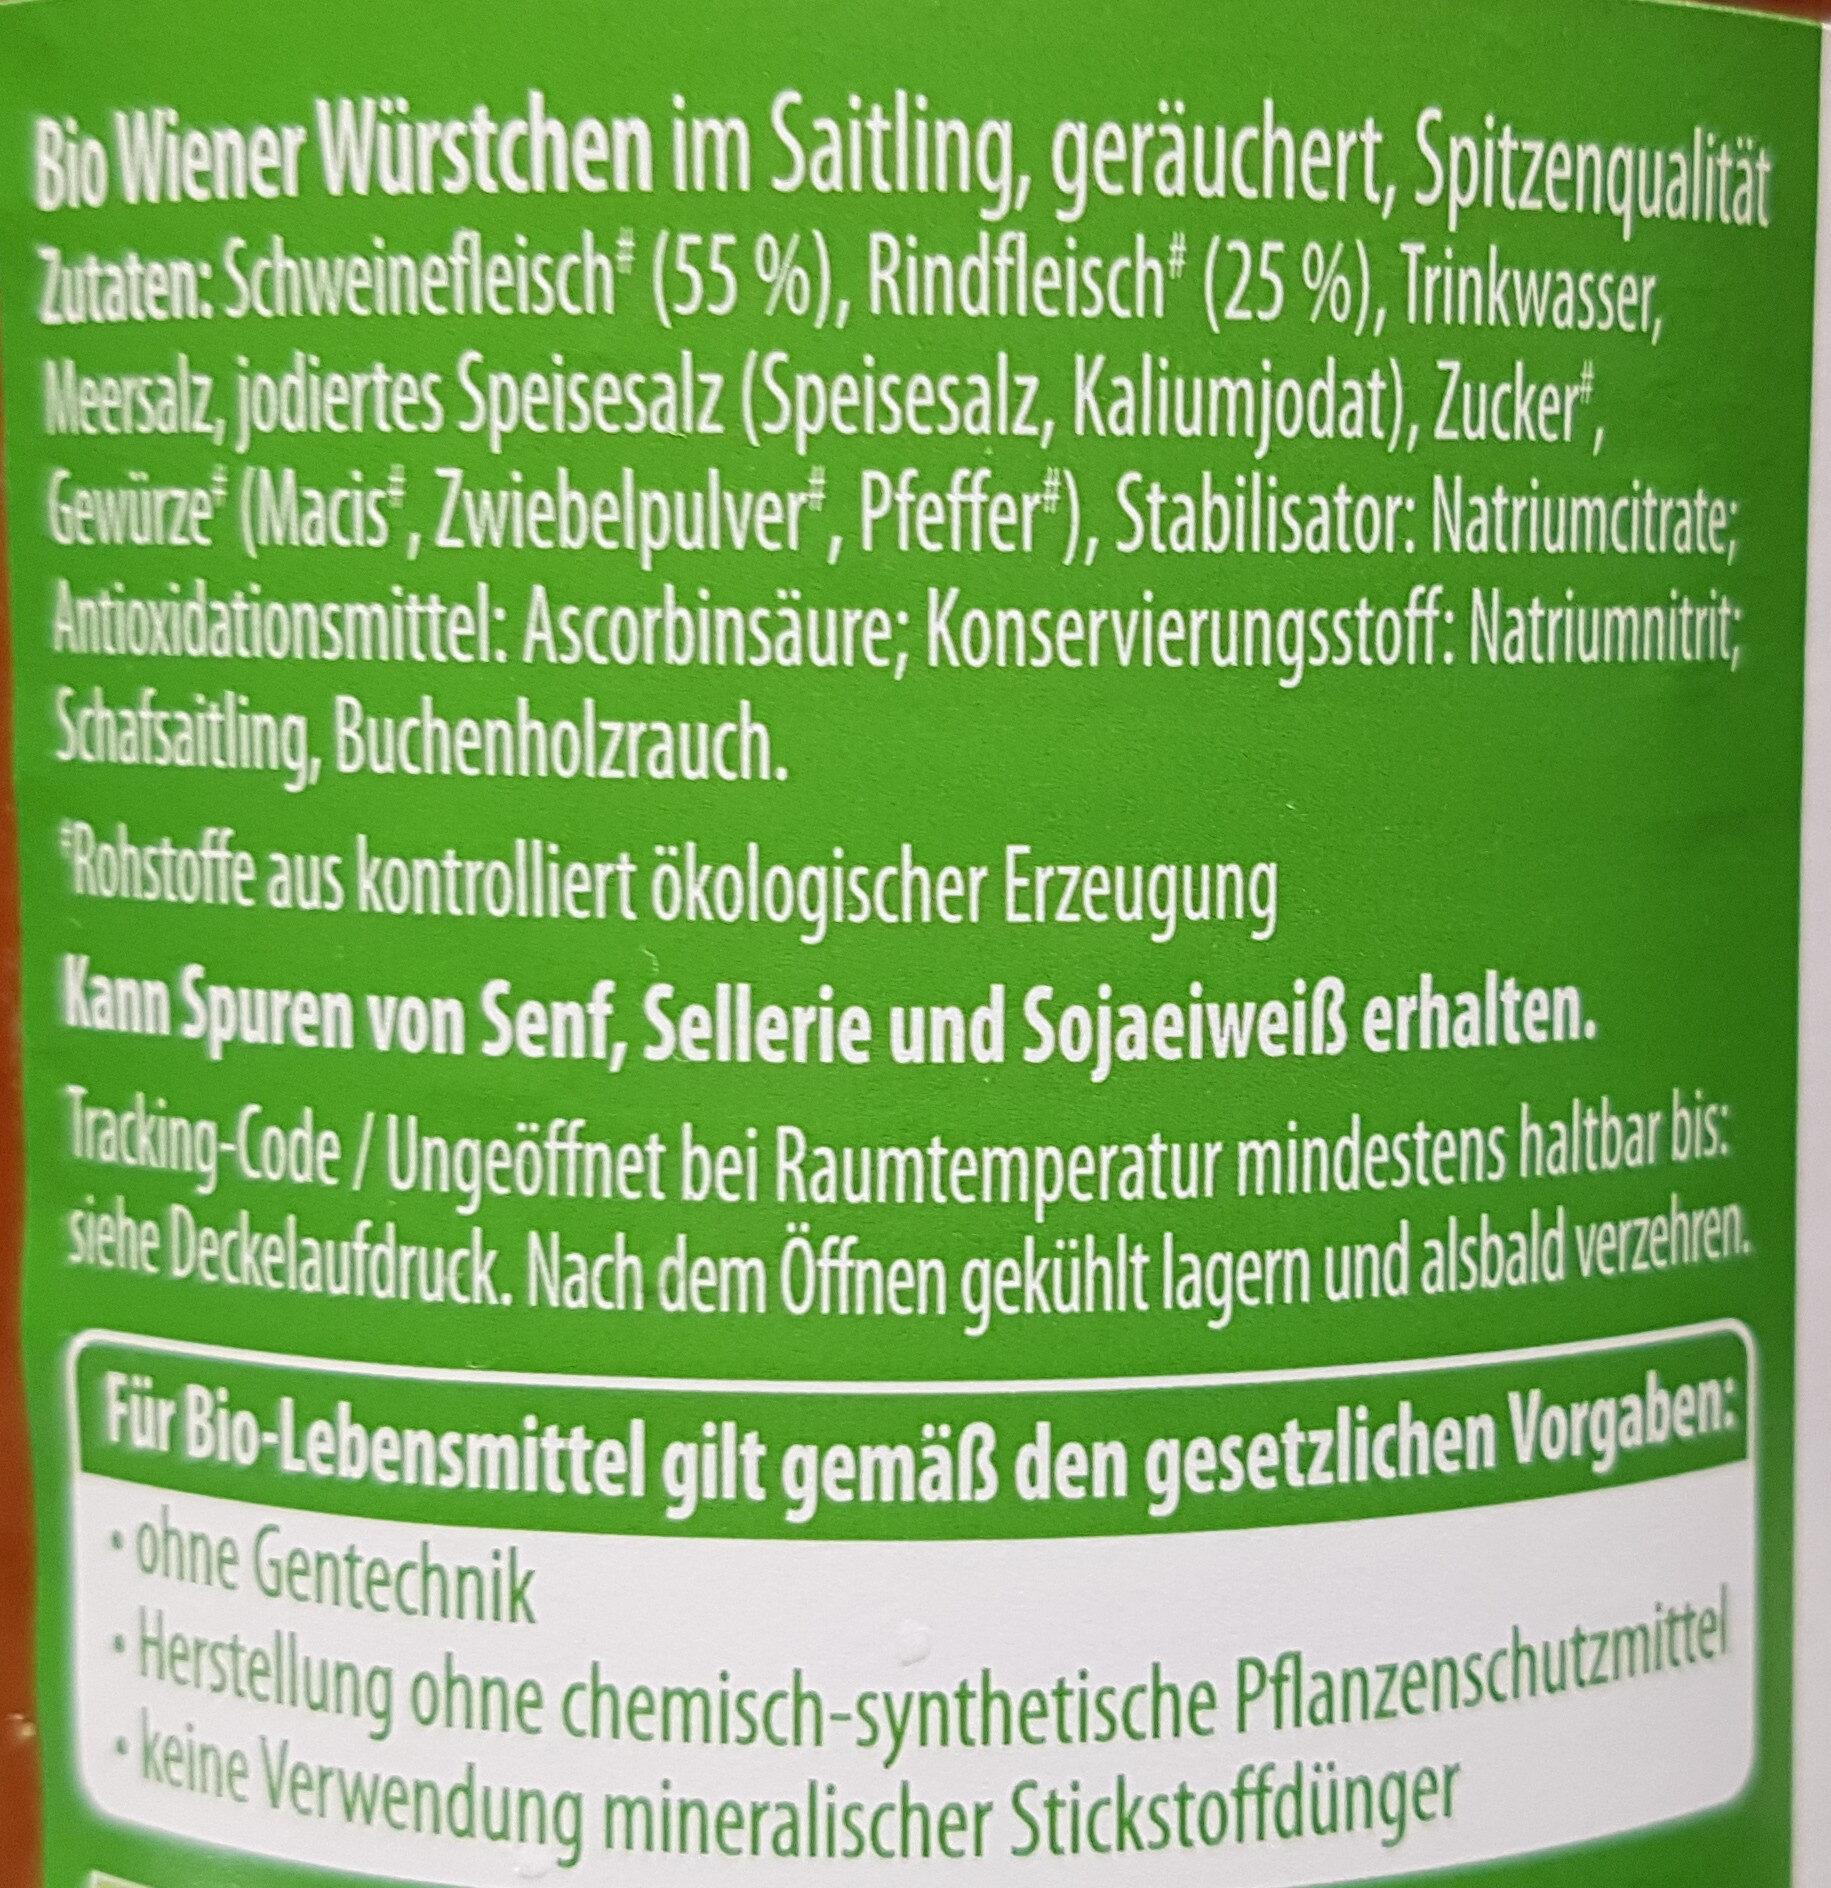 Böklunder Wiener Würstchen - Ingrédients - fr